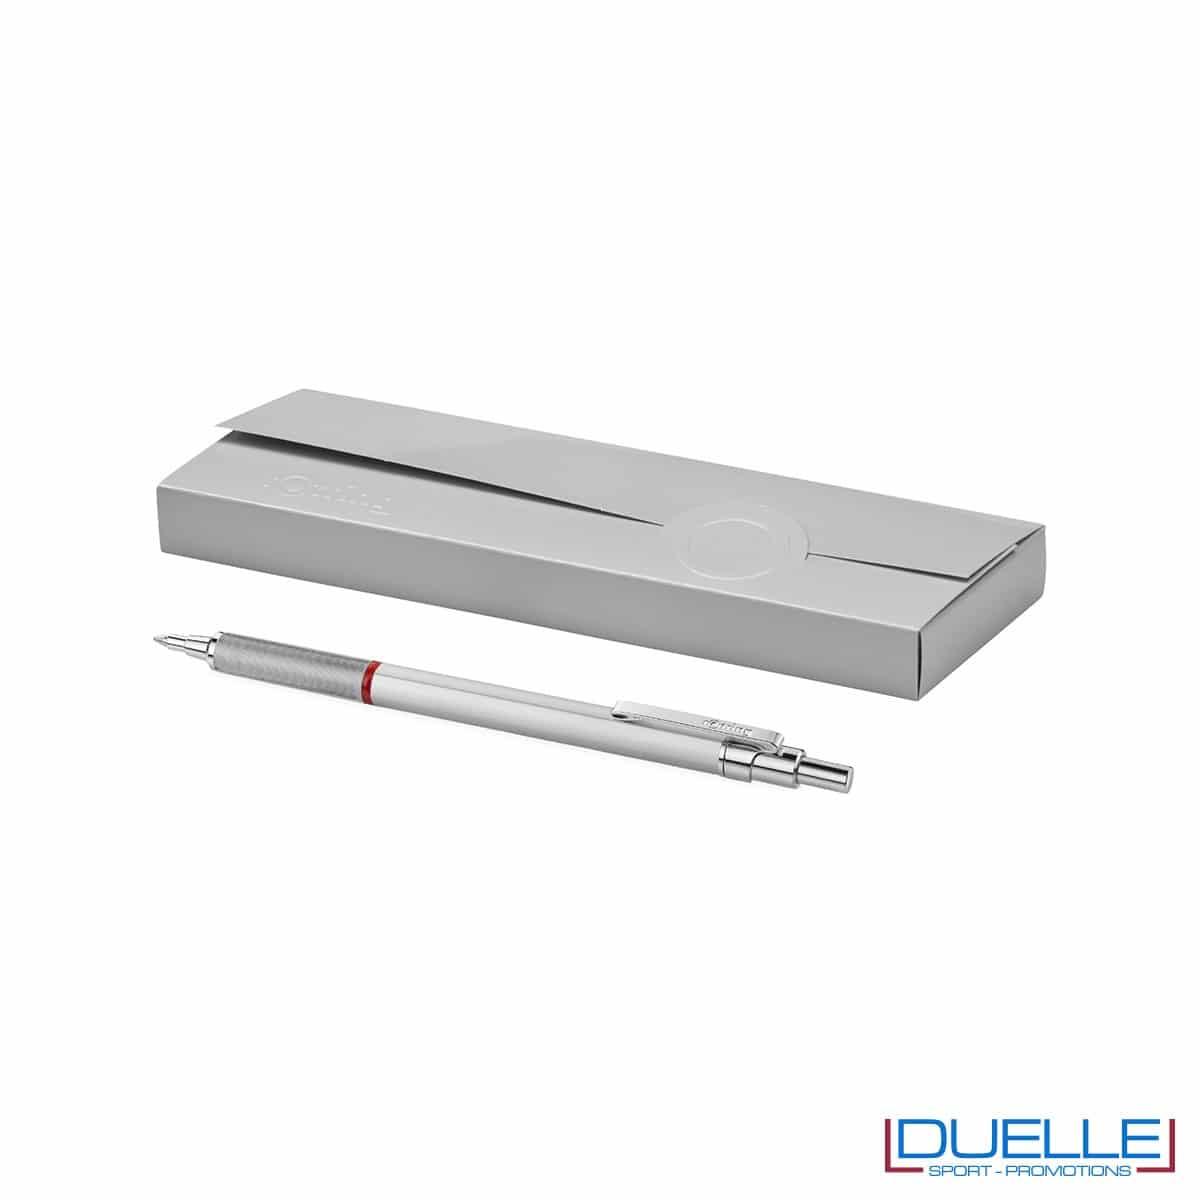 penna personalizzata rOtring rapid pro colore argento, penne promozionali personalizzate rOtring per regali aziendali